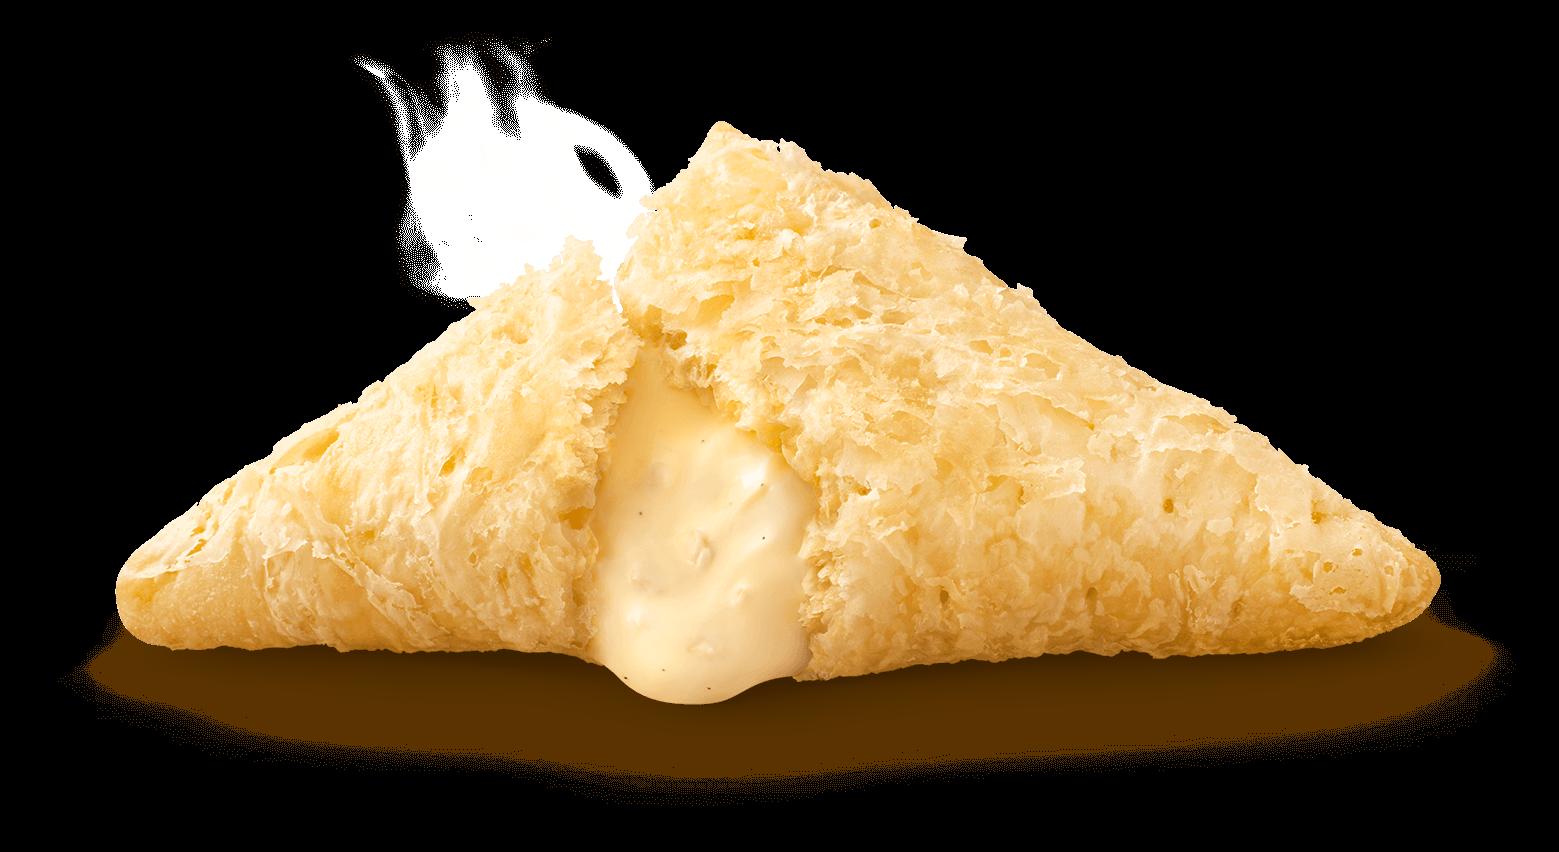 マクドナルド『三角チョコパイ』-三角チョコパイ 白